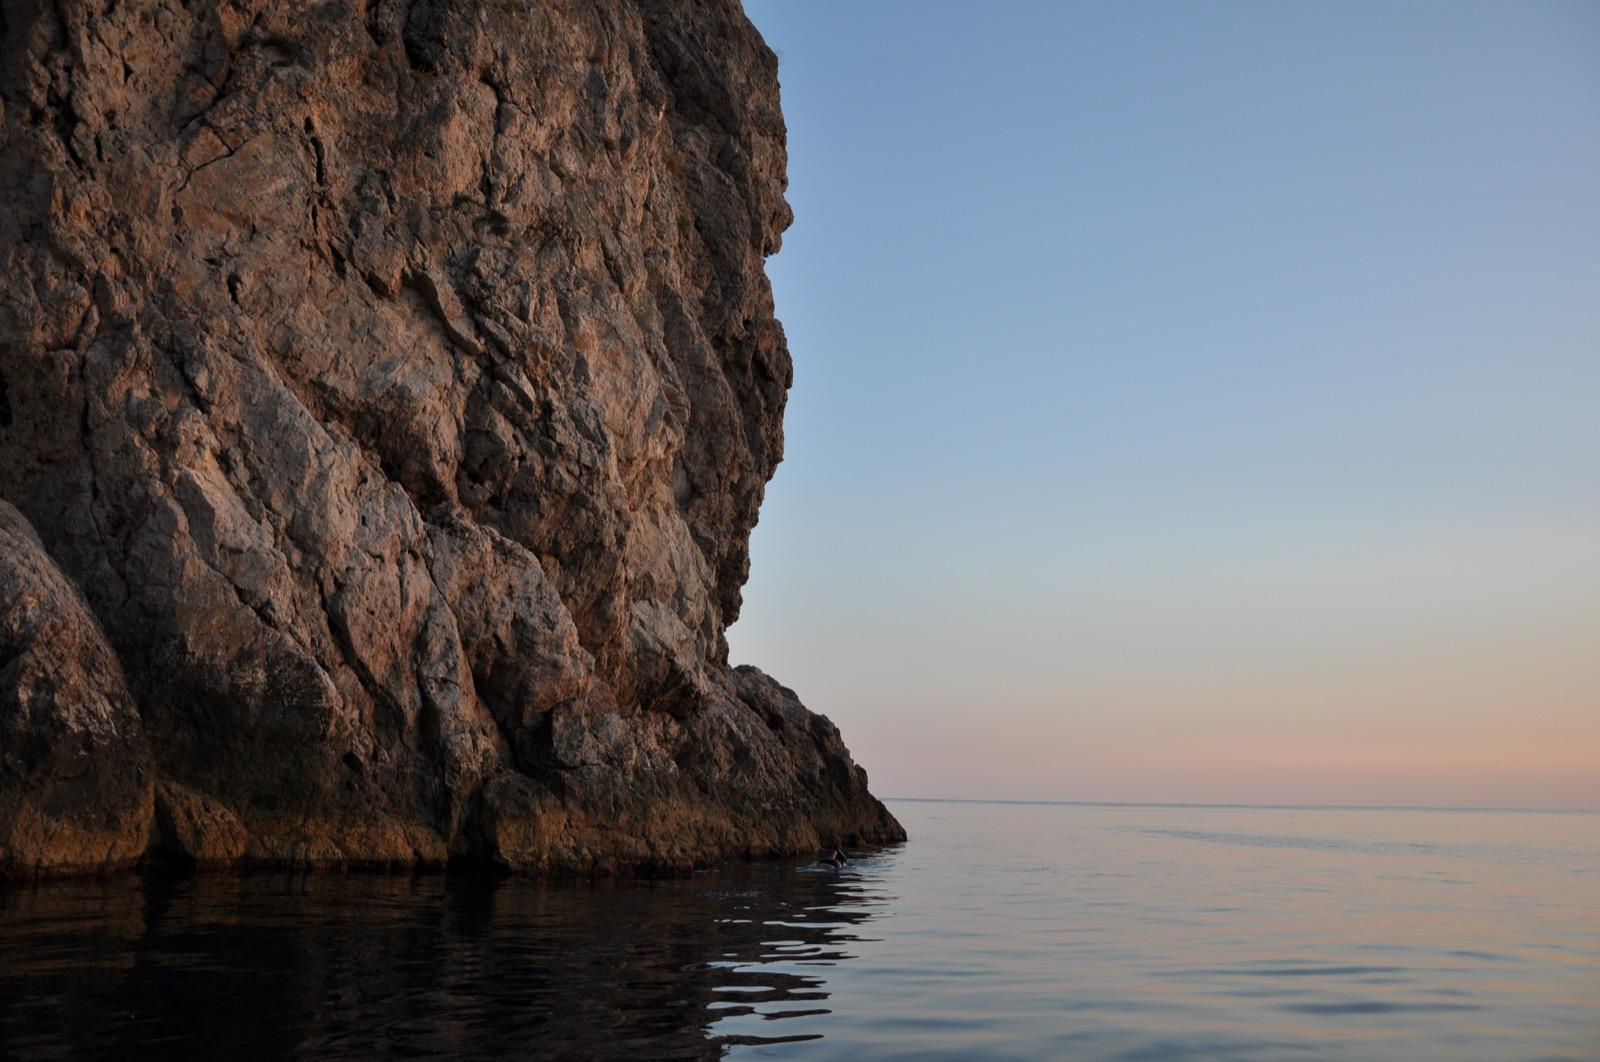 Обрывистая скала в Черном море